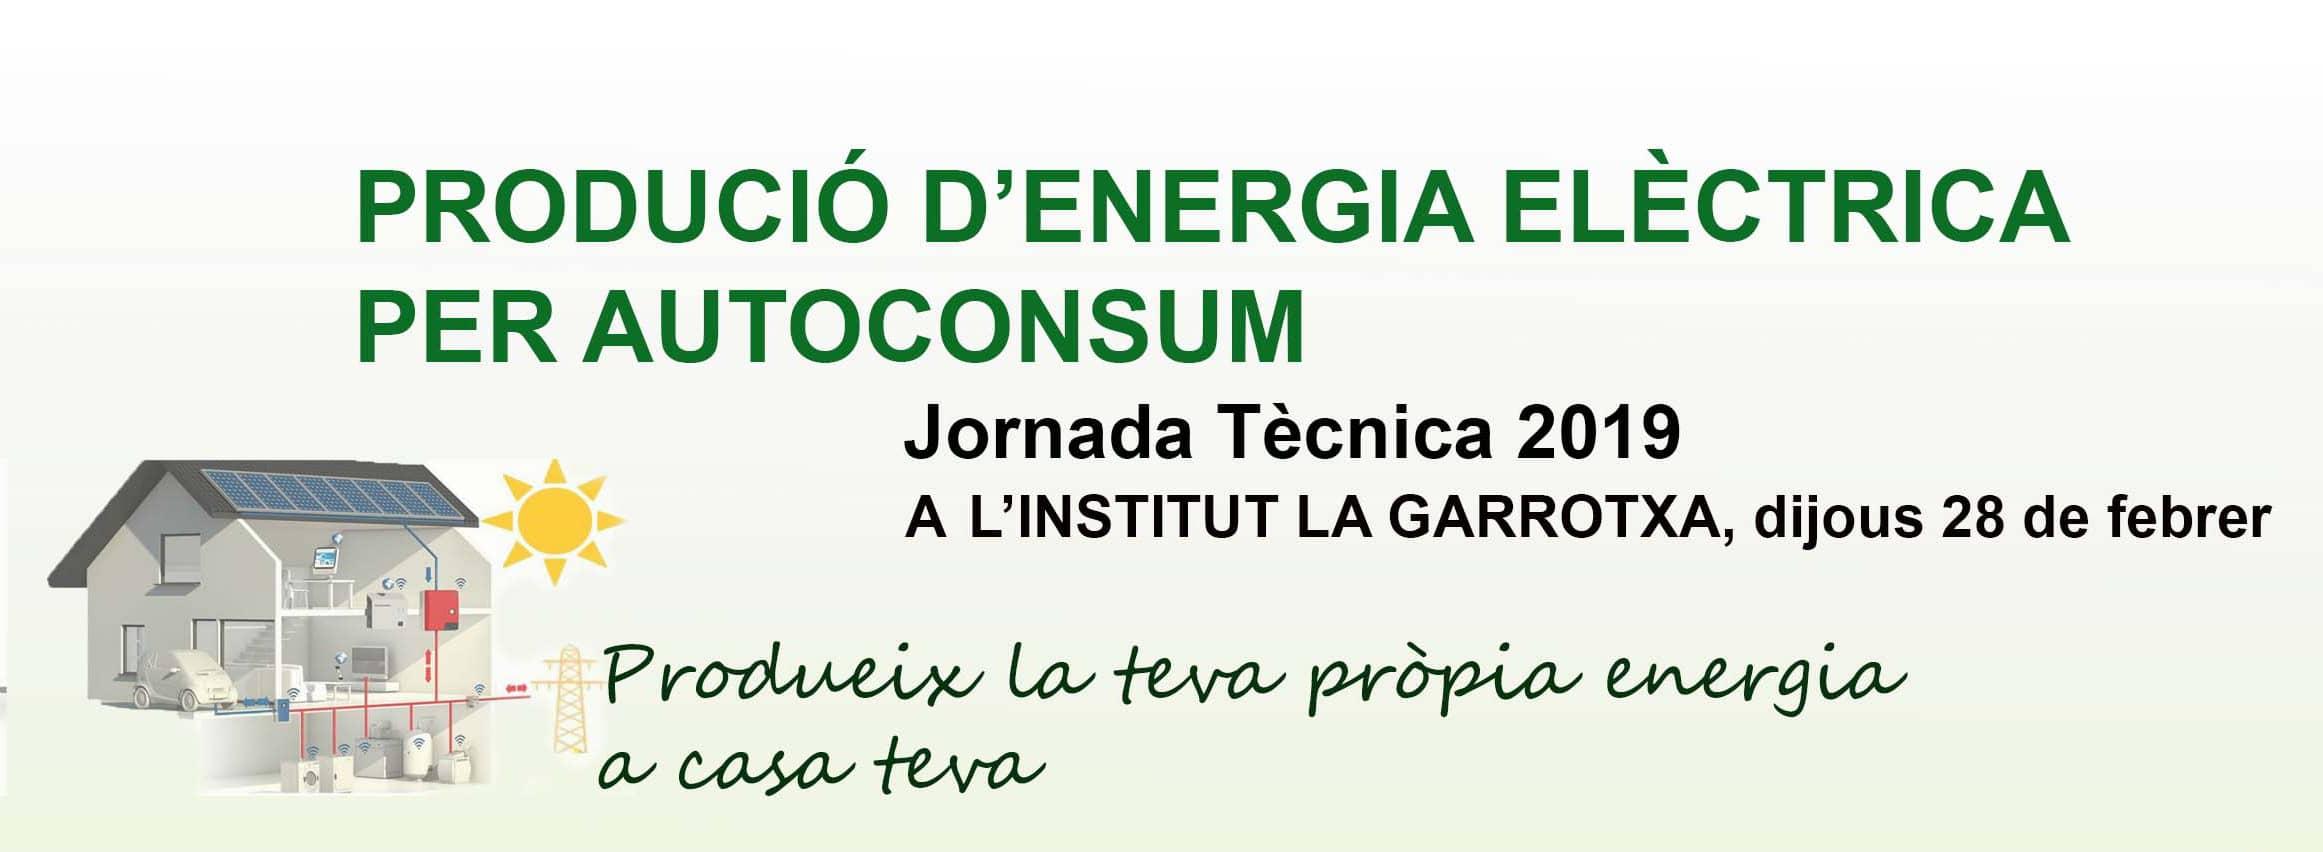 PRODUCCIÓ D'ENERGIA ELÈCTRICA PER AUTOCONSUM